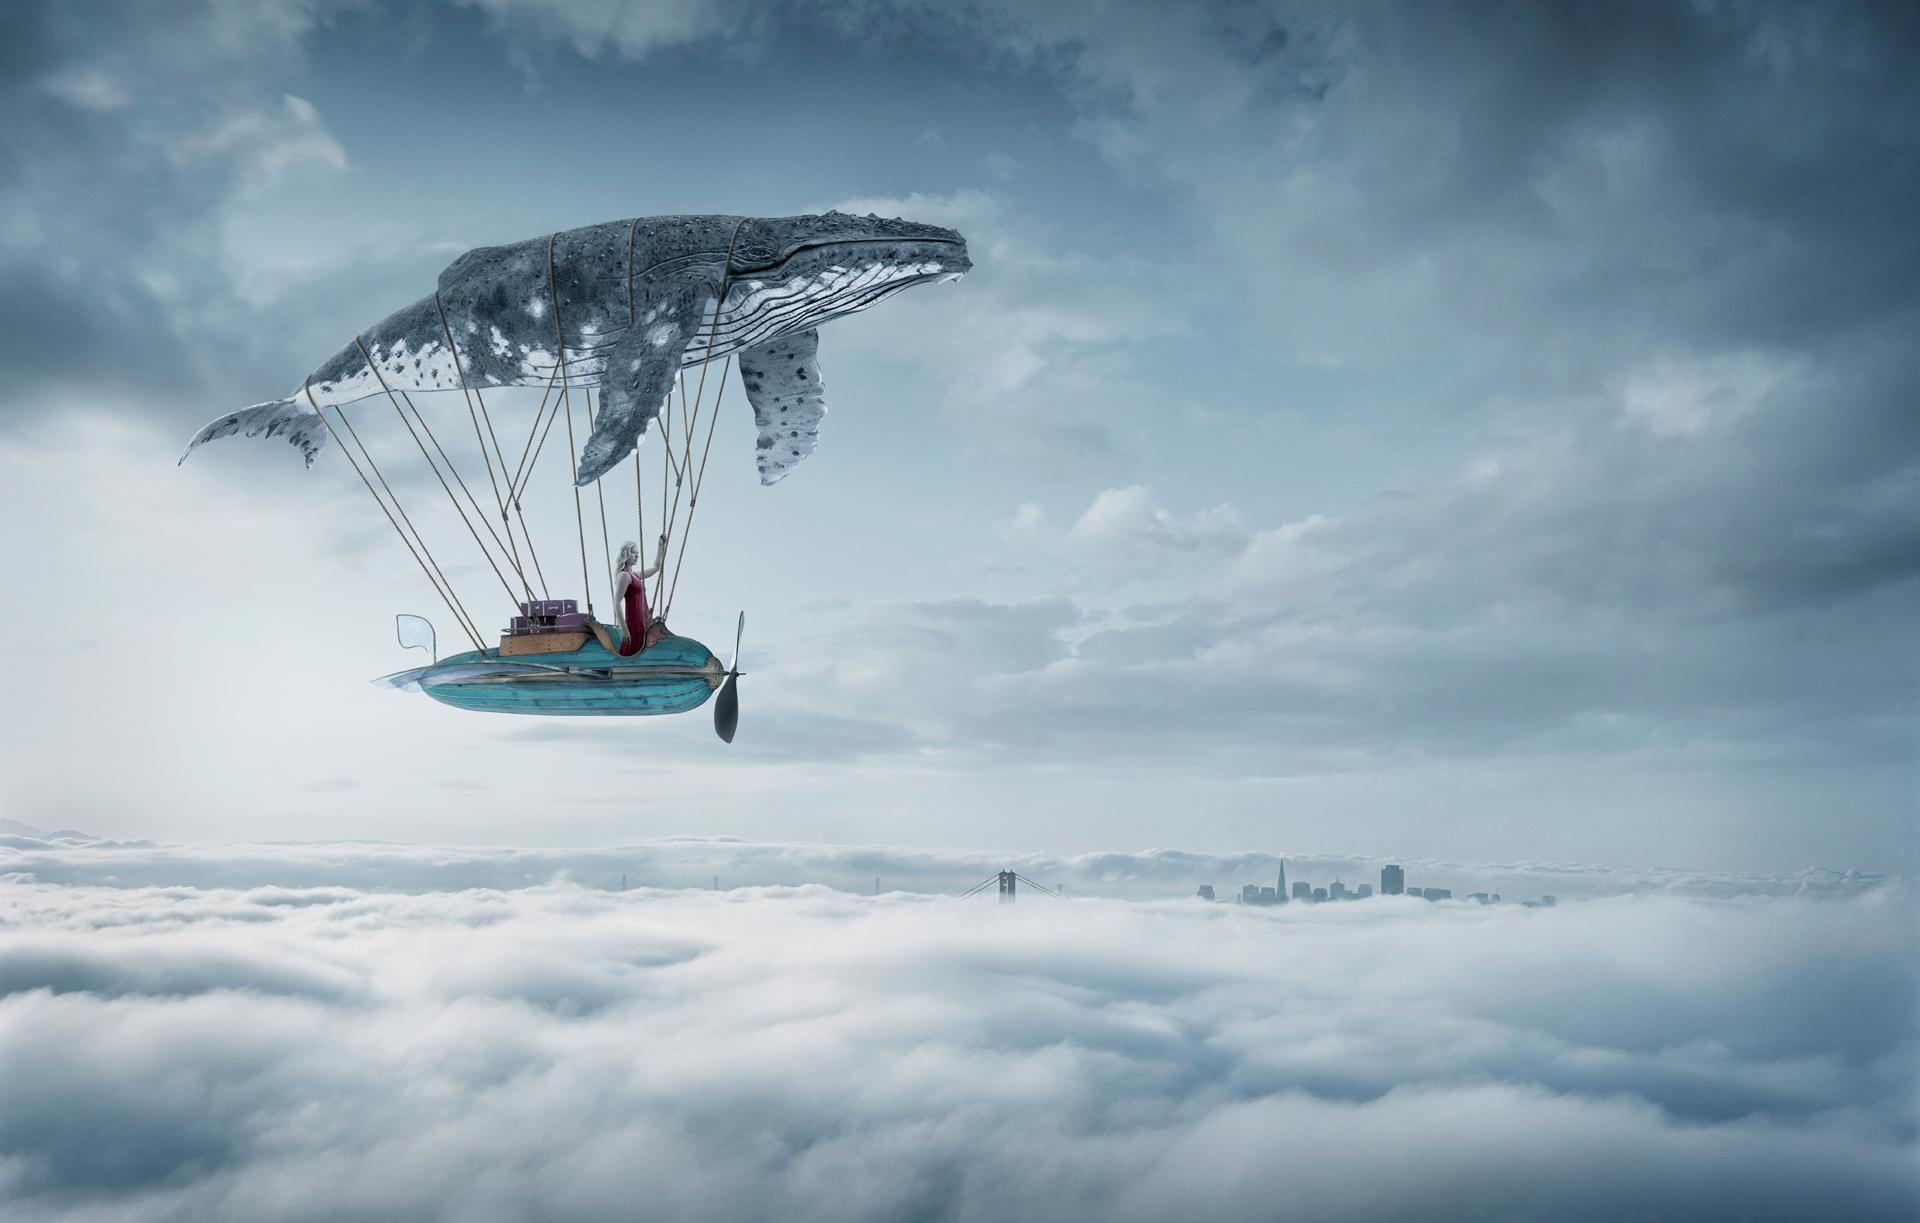 других людей сюрреализм небо картинки также